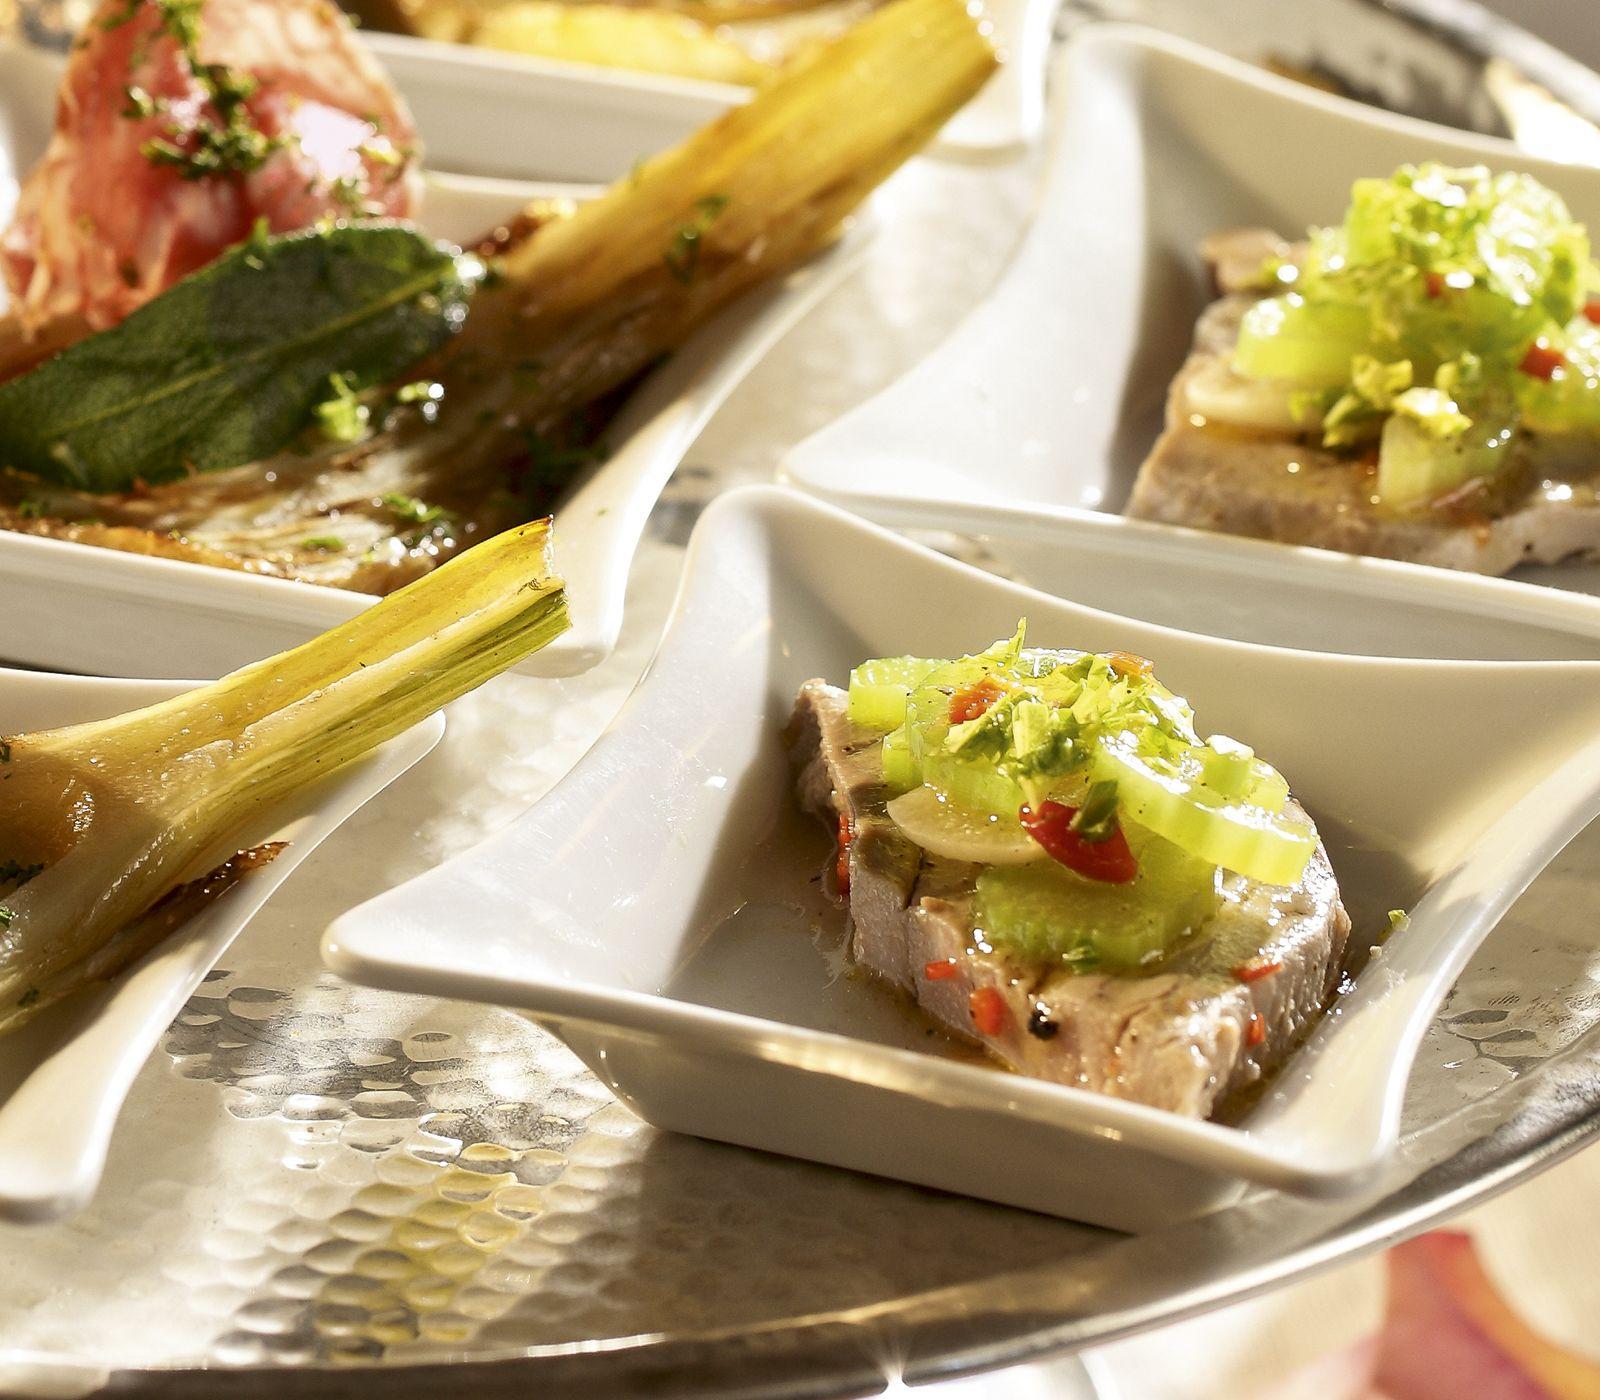 Leicht pikant gewürzt ist dieser Thunfisch ein besonders würziger Gaumenschmaus auf dem Apéro-Buffet oder Vorspeisenteller.